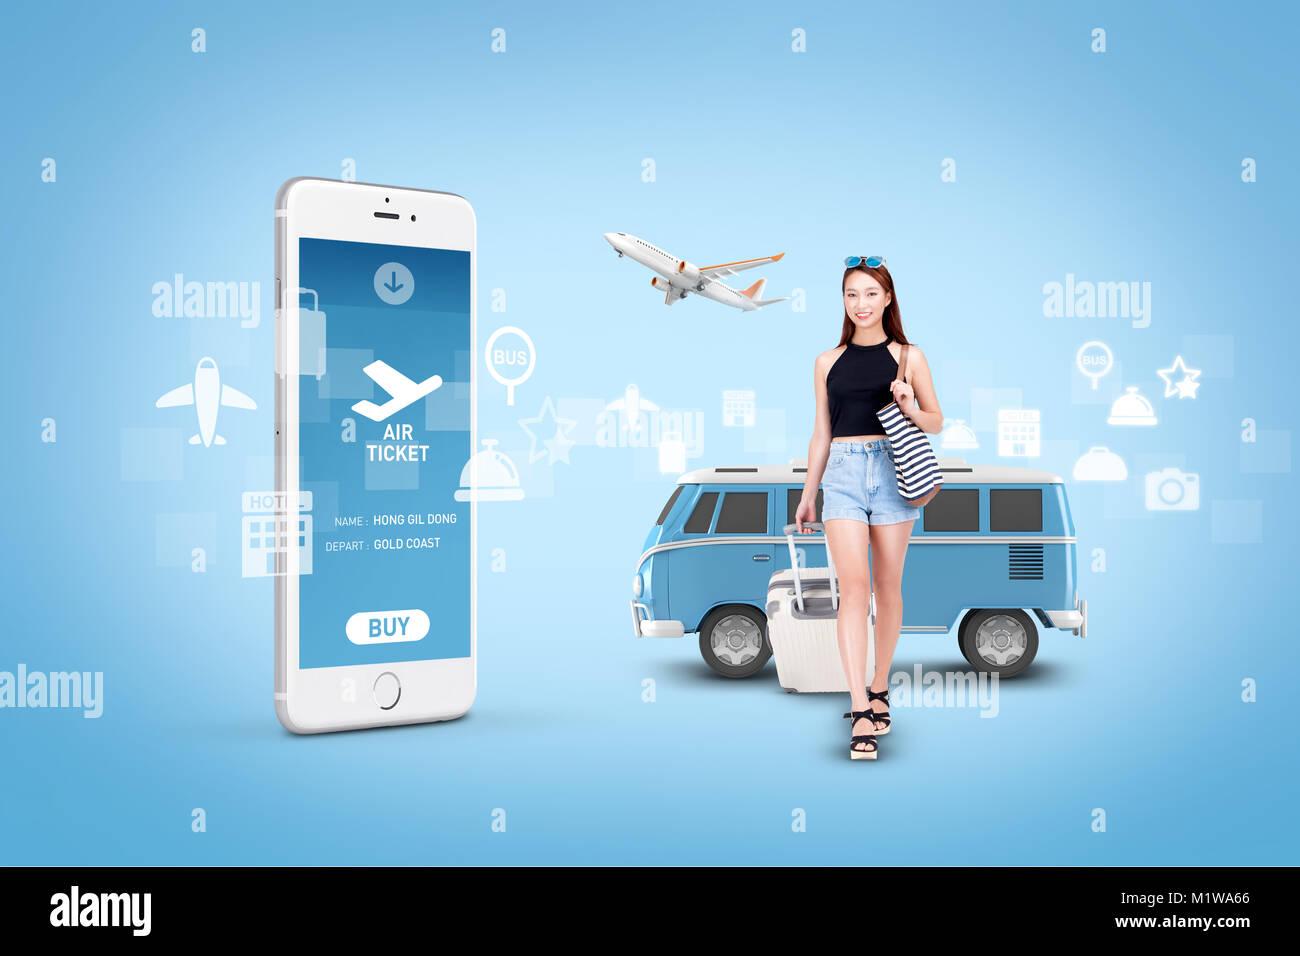 Abbildung - mobile Technologie, eng beziehen sich auf das alltägliche Leben. 003 Stockbild